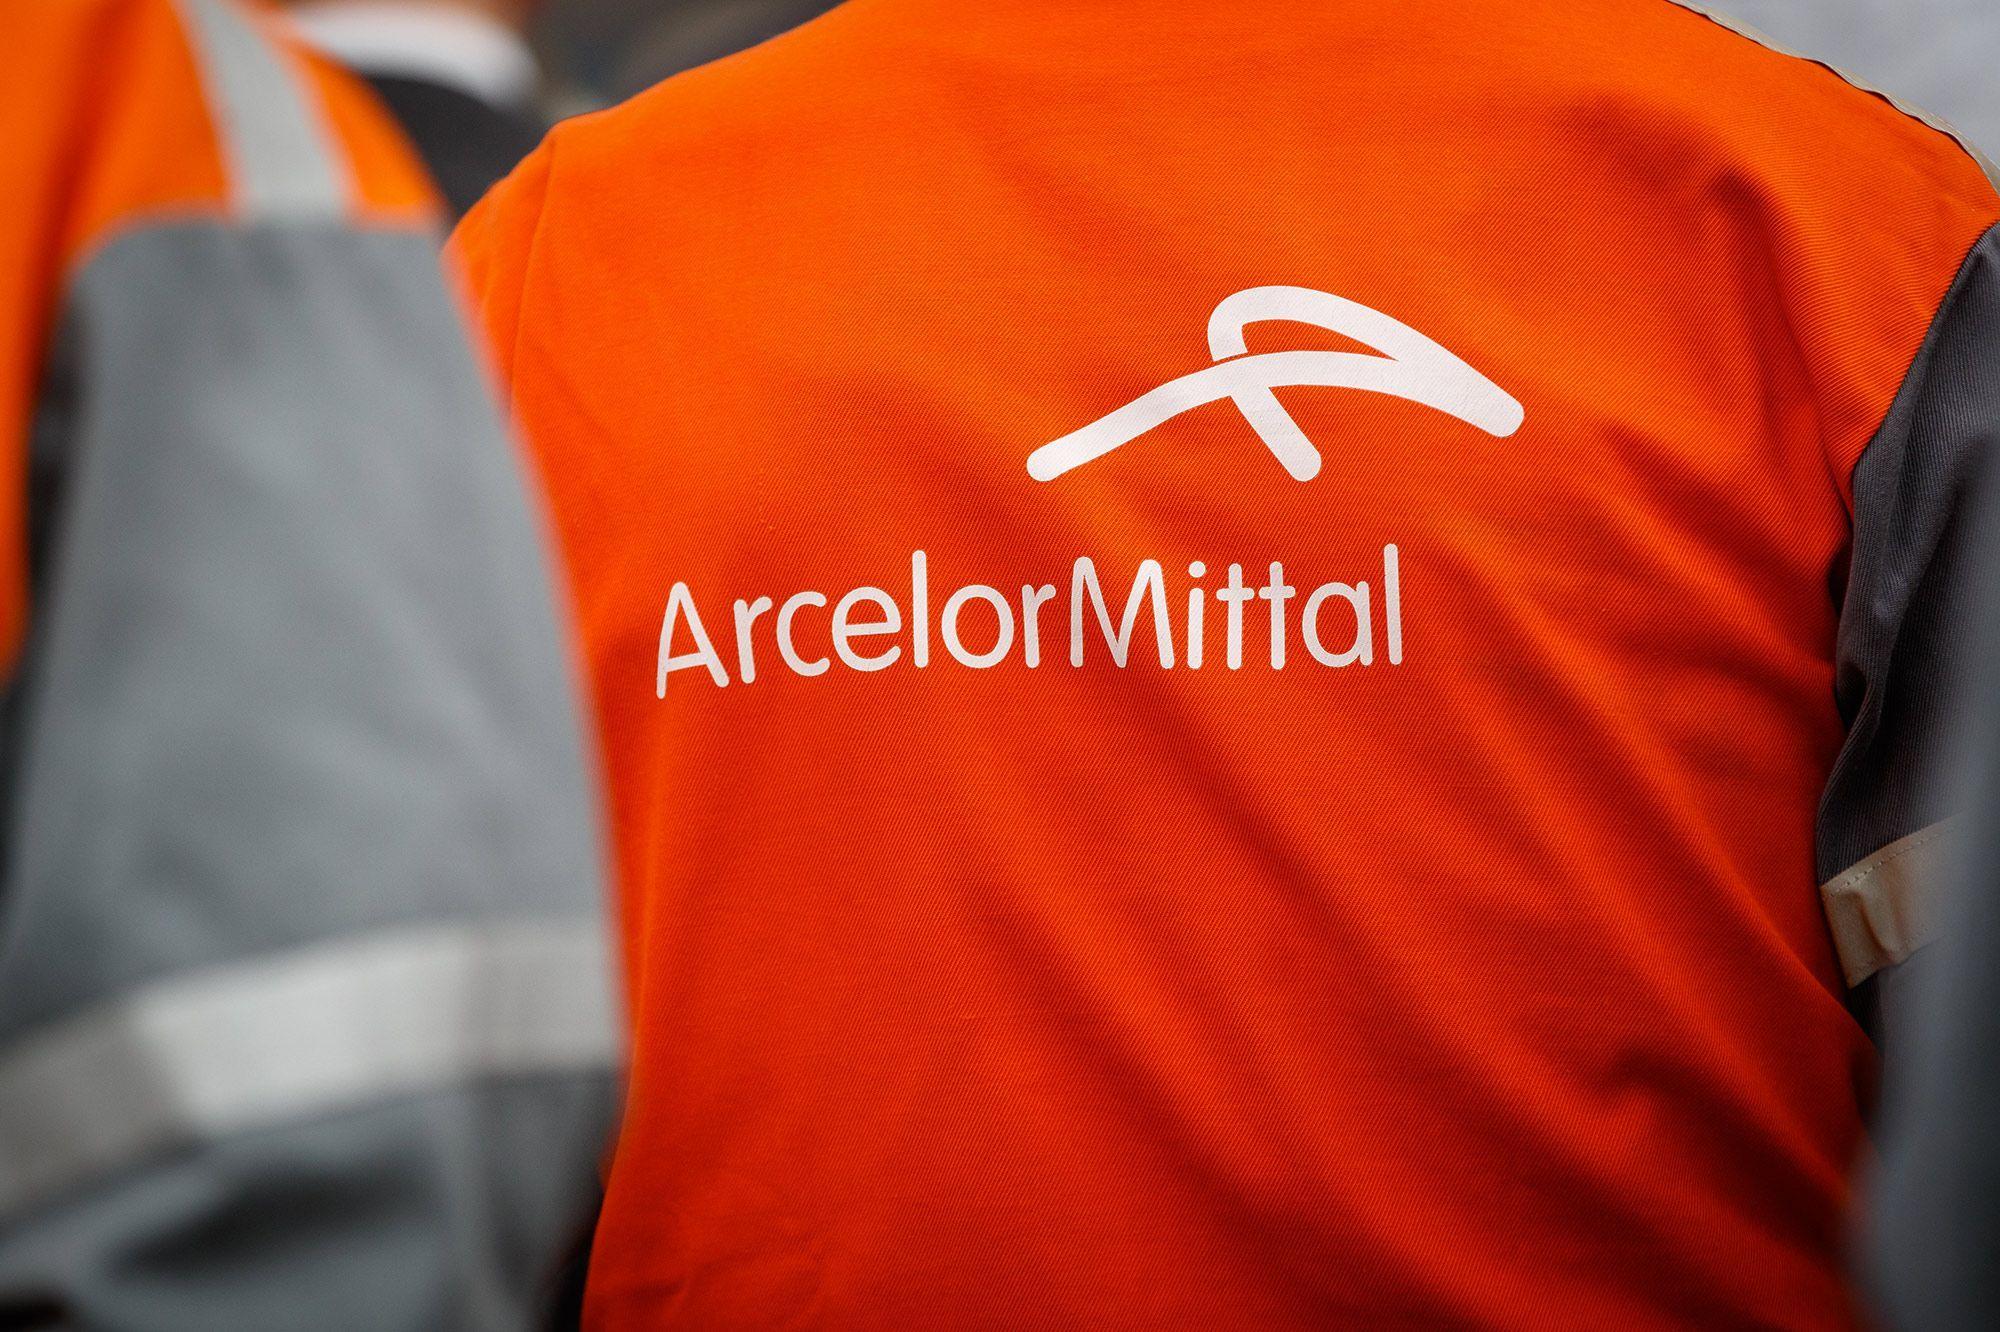 Déversement d'acide dans la nature en Moselle : ArcelorMittal relaxé